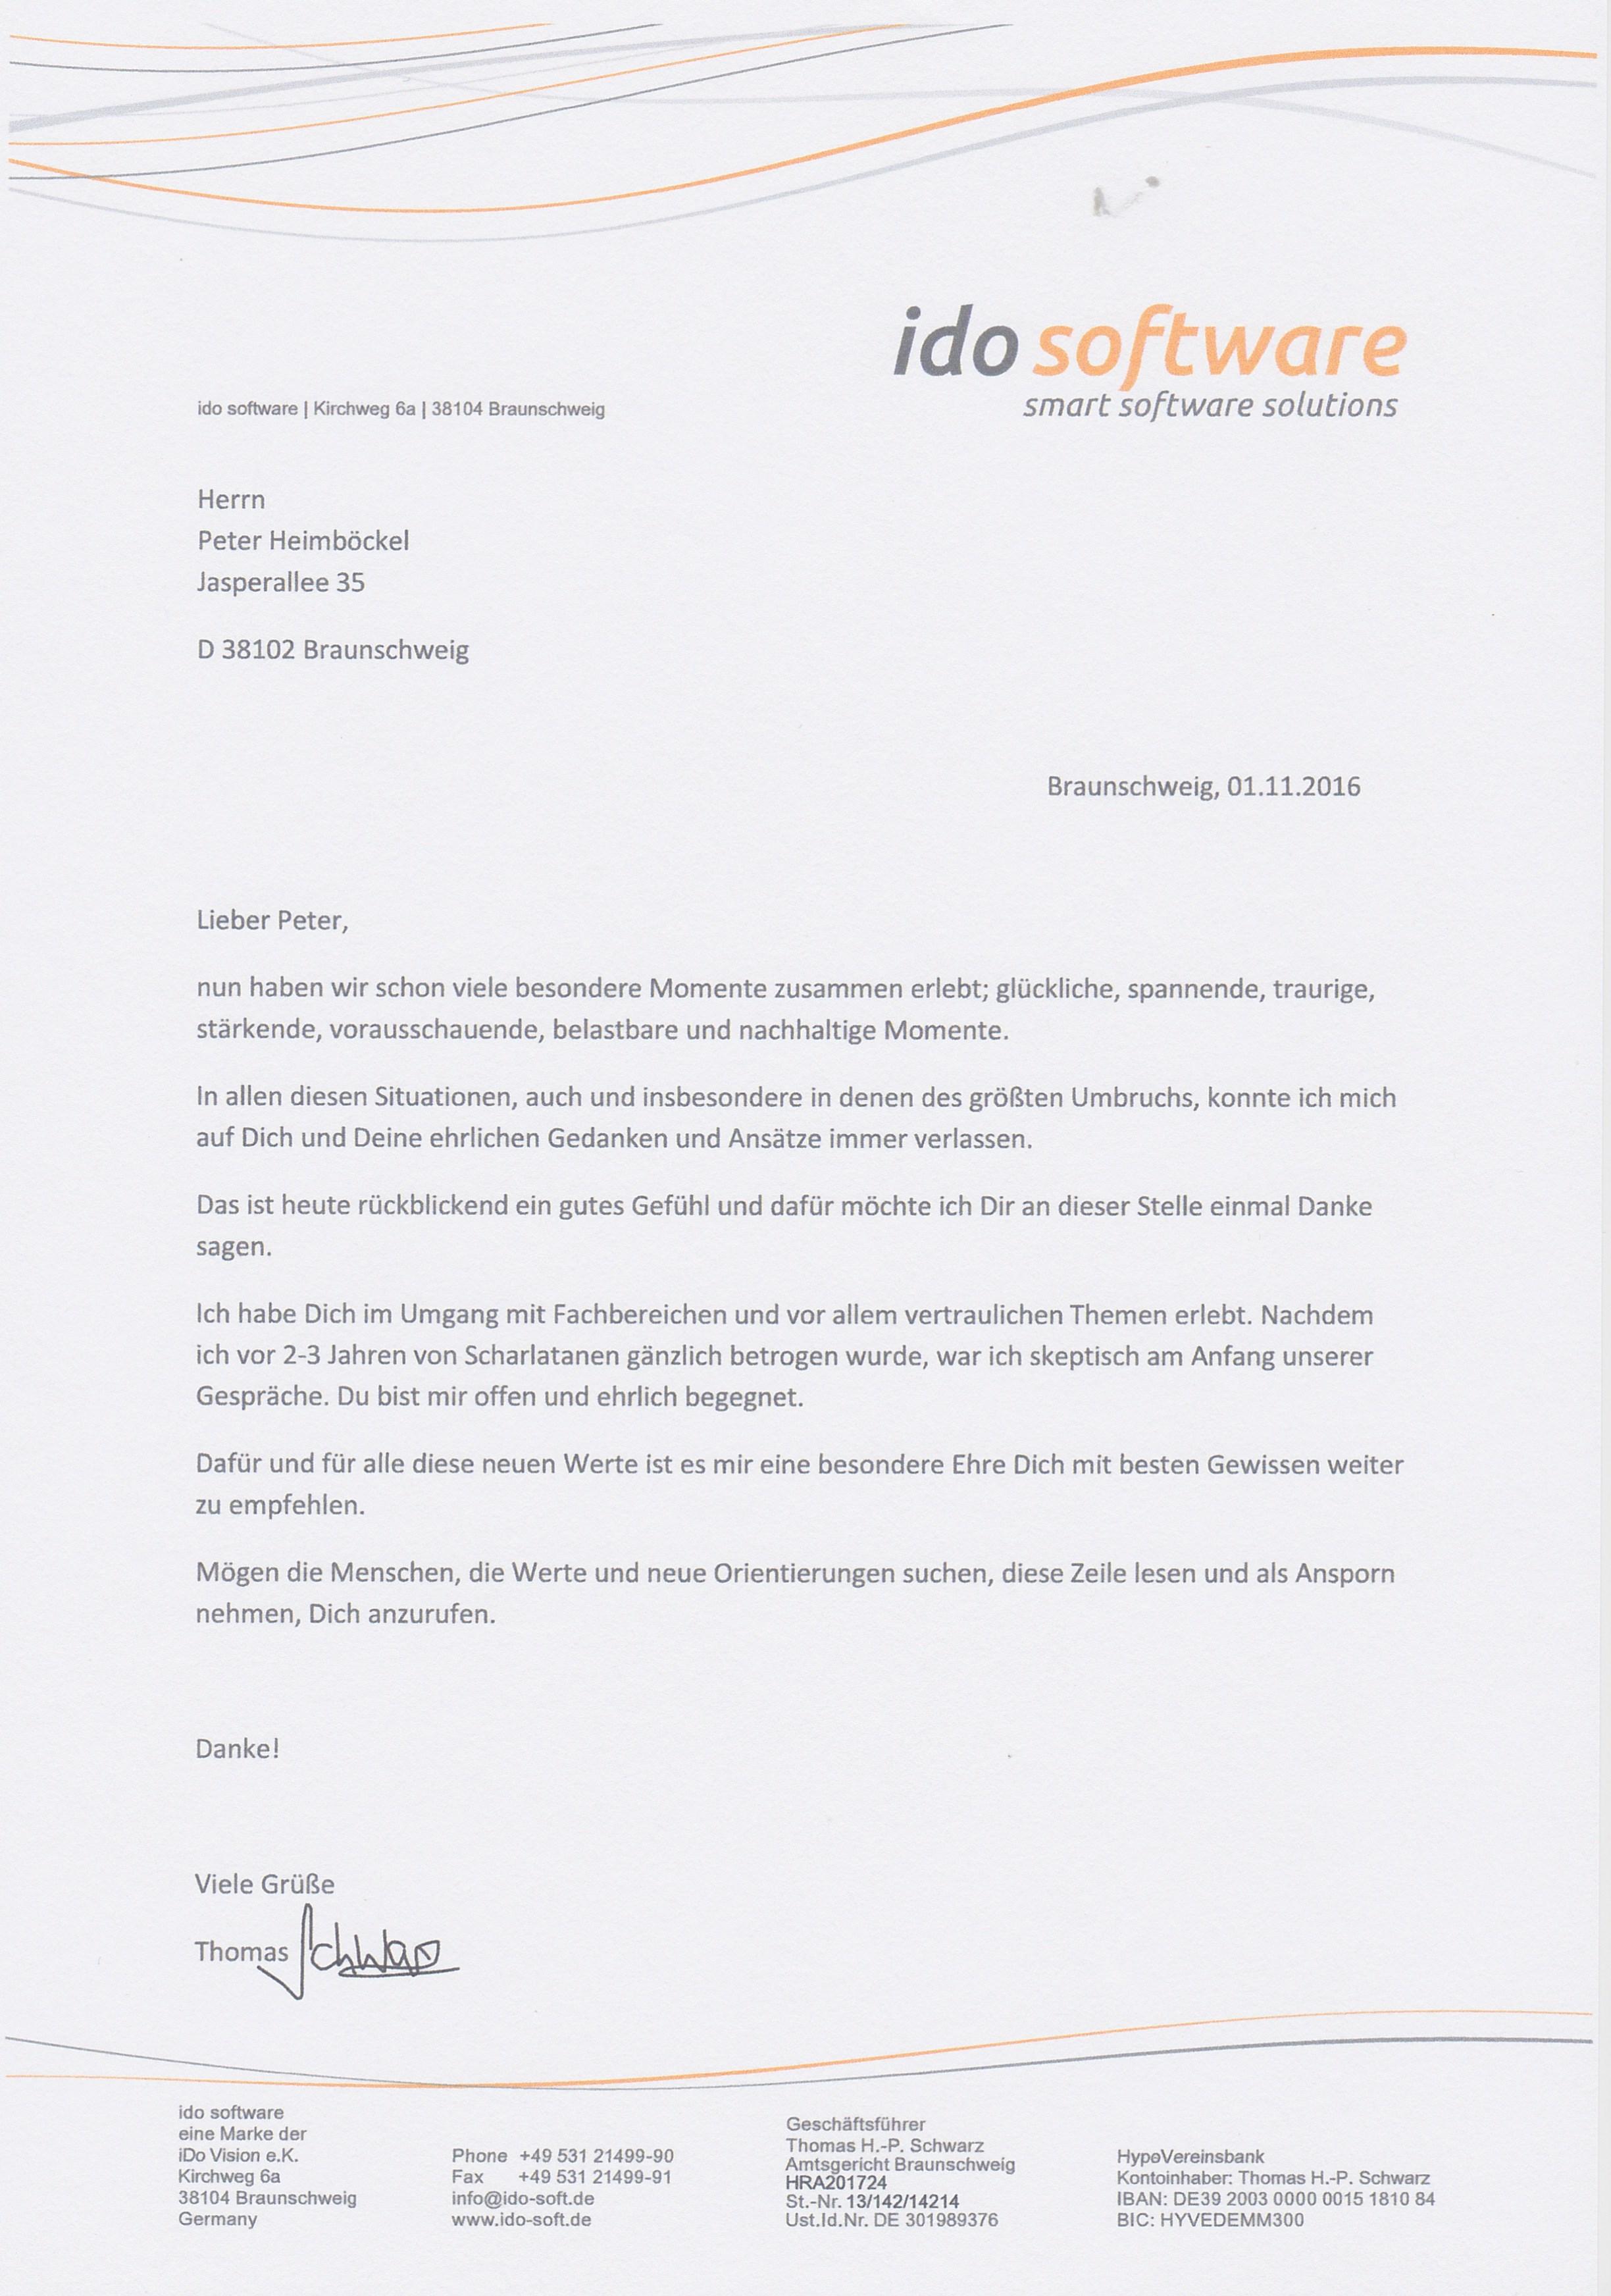 Referenz und Empfehlungsschreiben von Thomas Schwarz - ido software ...